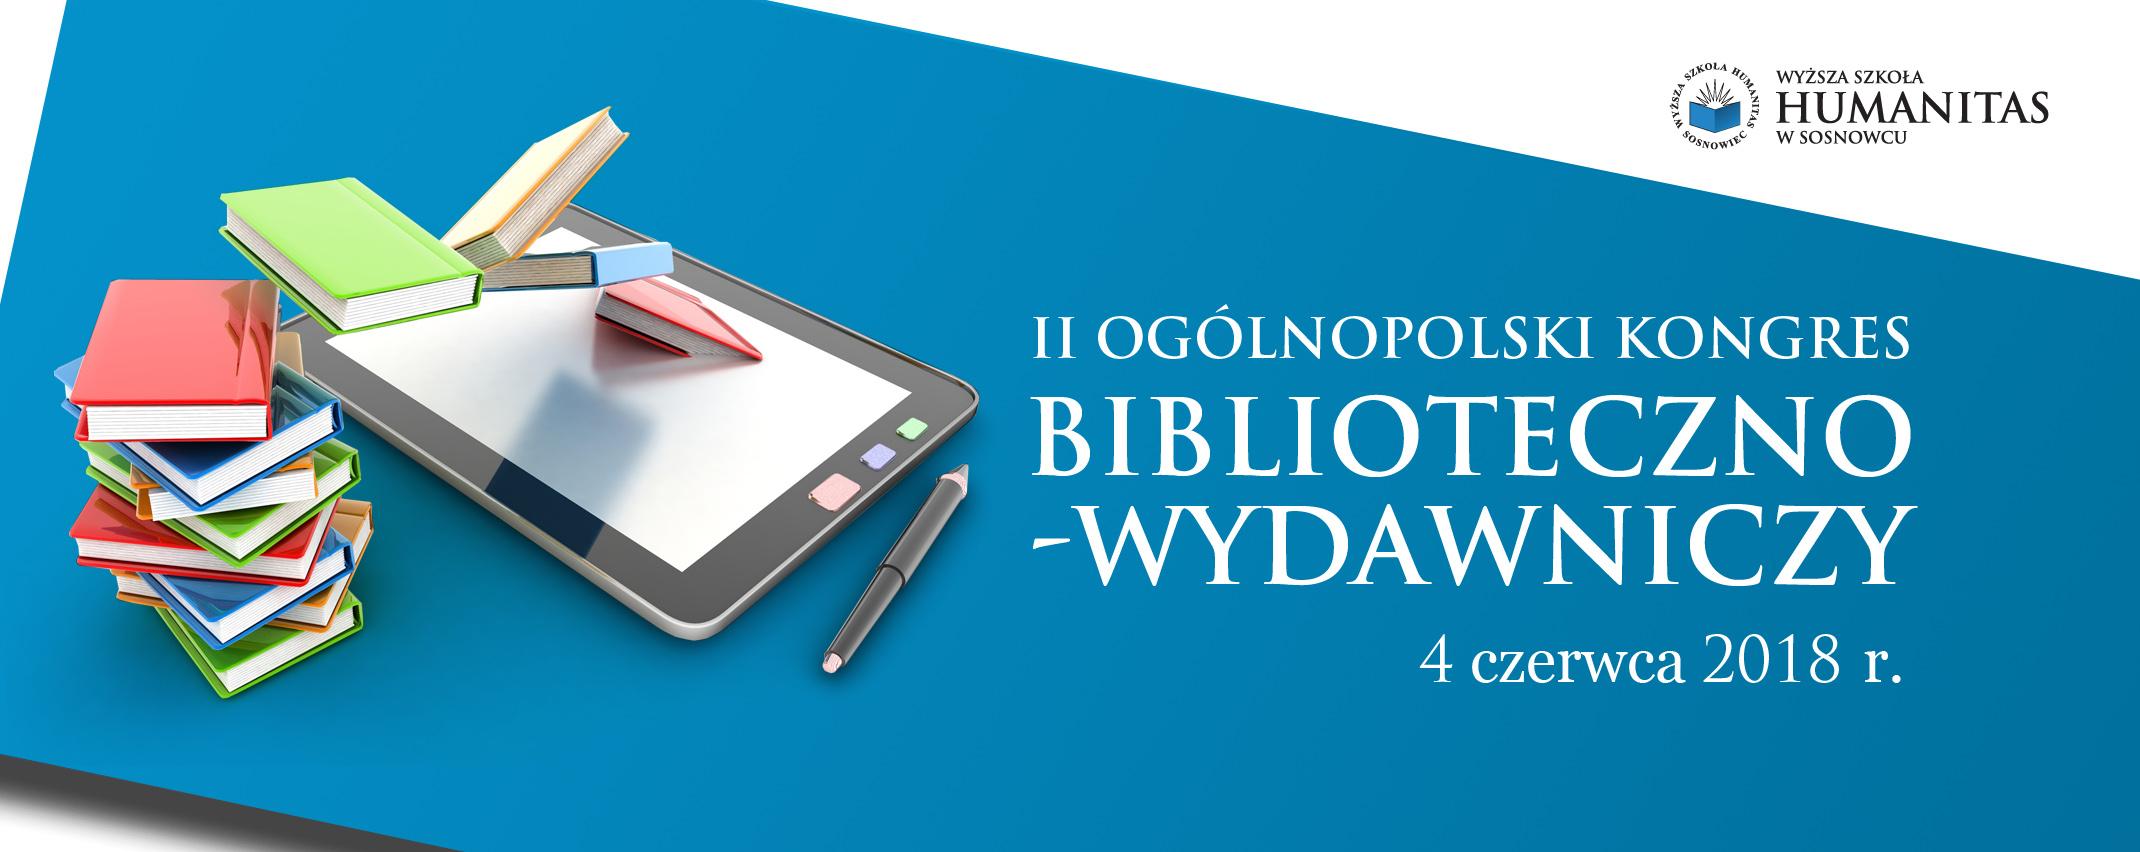 Kongres Biblioteczno-Wydawniczy